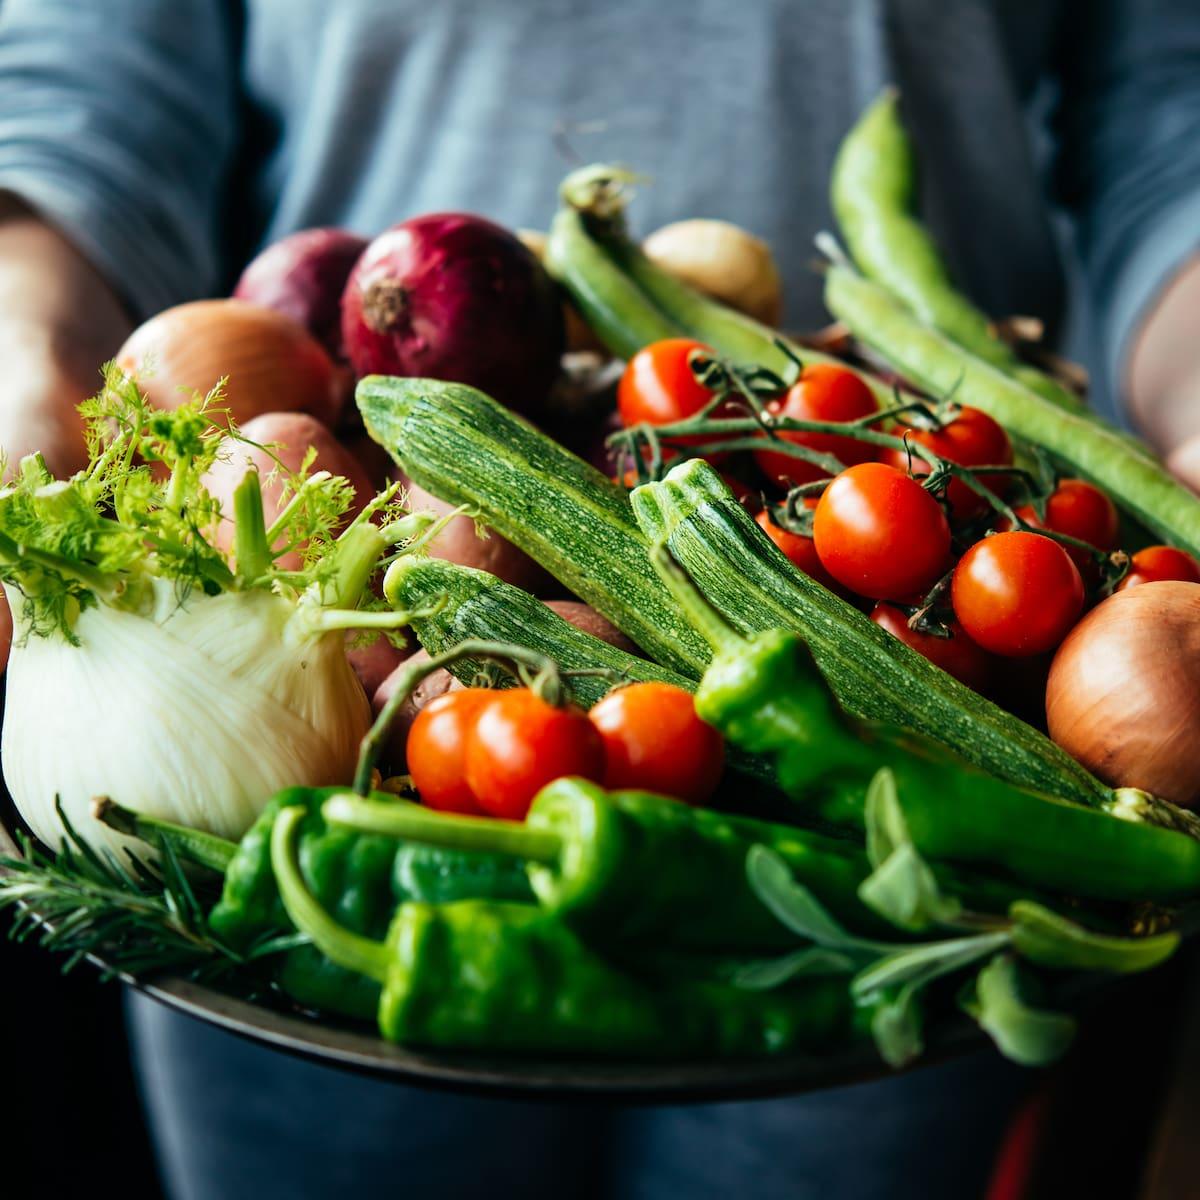 Lebensmittel in einer Protein-Diät erlaubt